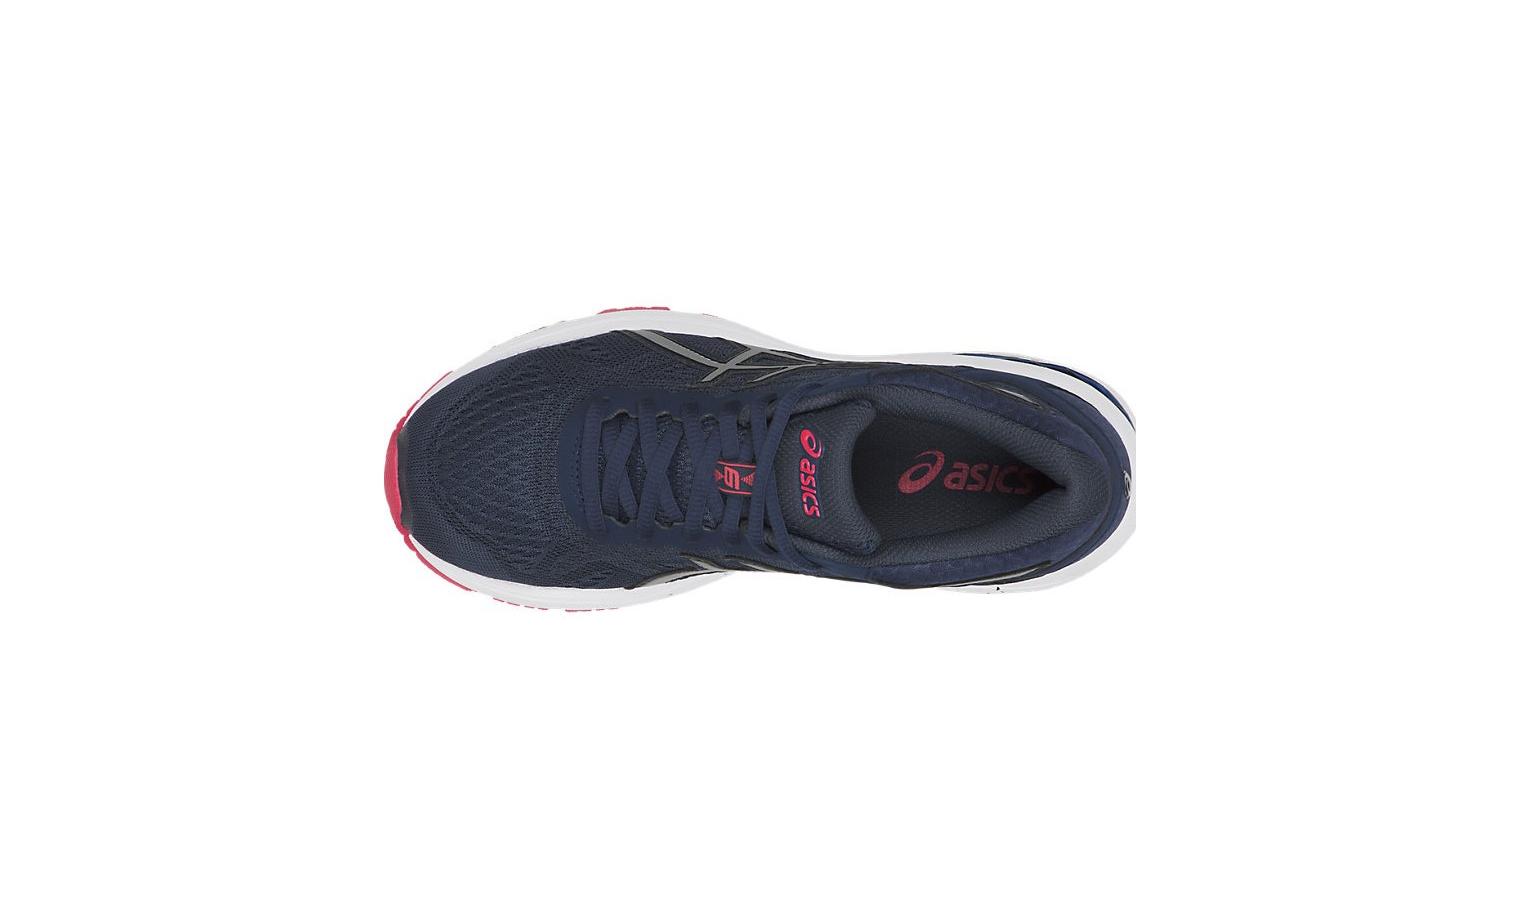 ... Dámske bežecké topánky Asics GT-1000 6 W modré. Zľava b7cd1a1ee9c